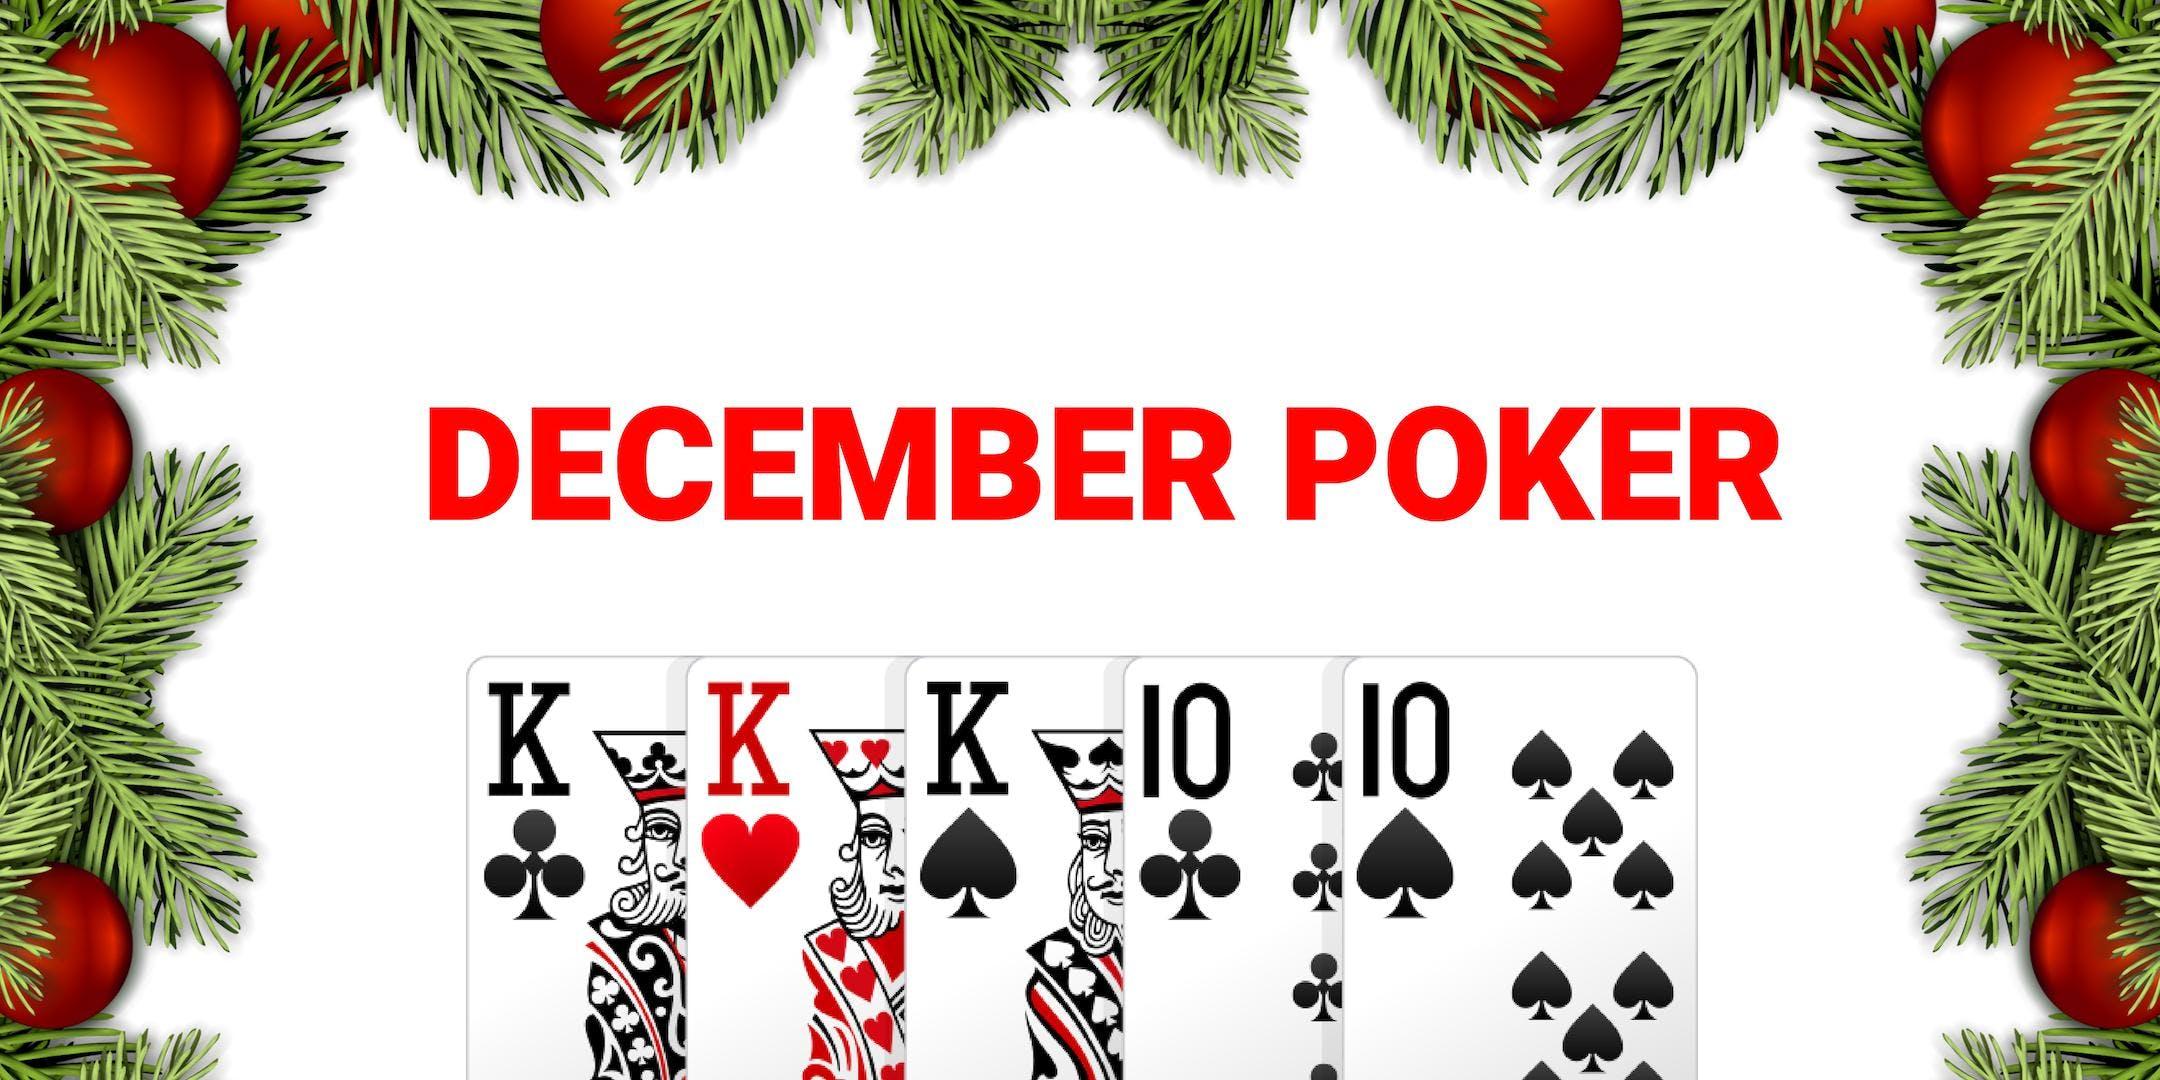 December Holiday Poker